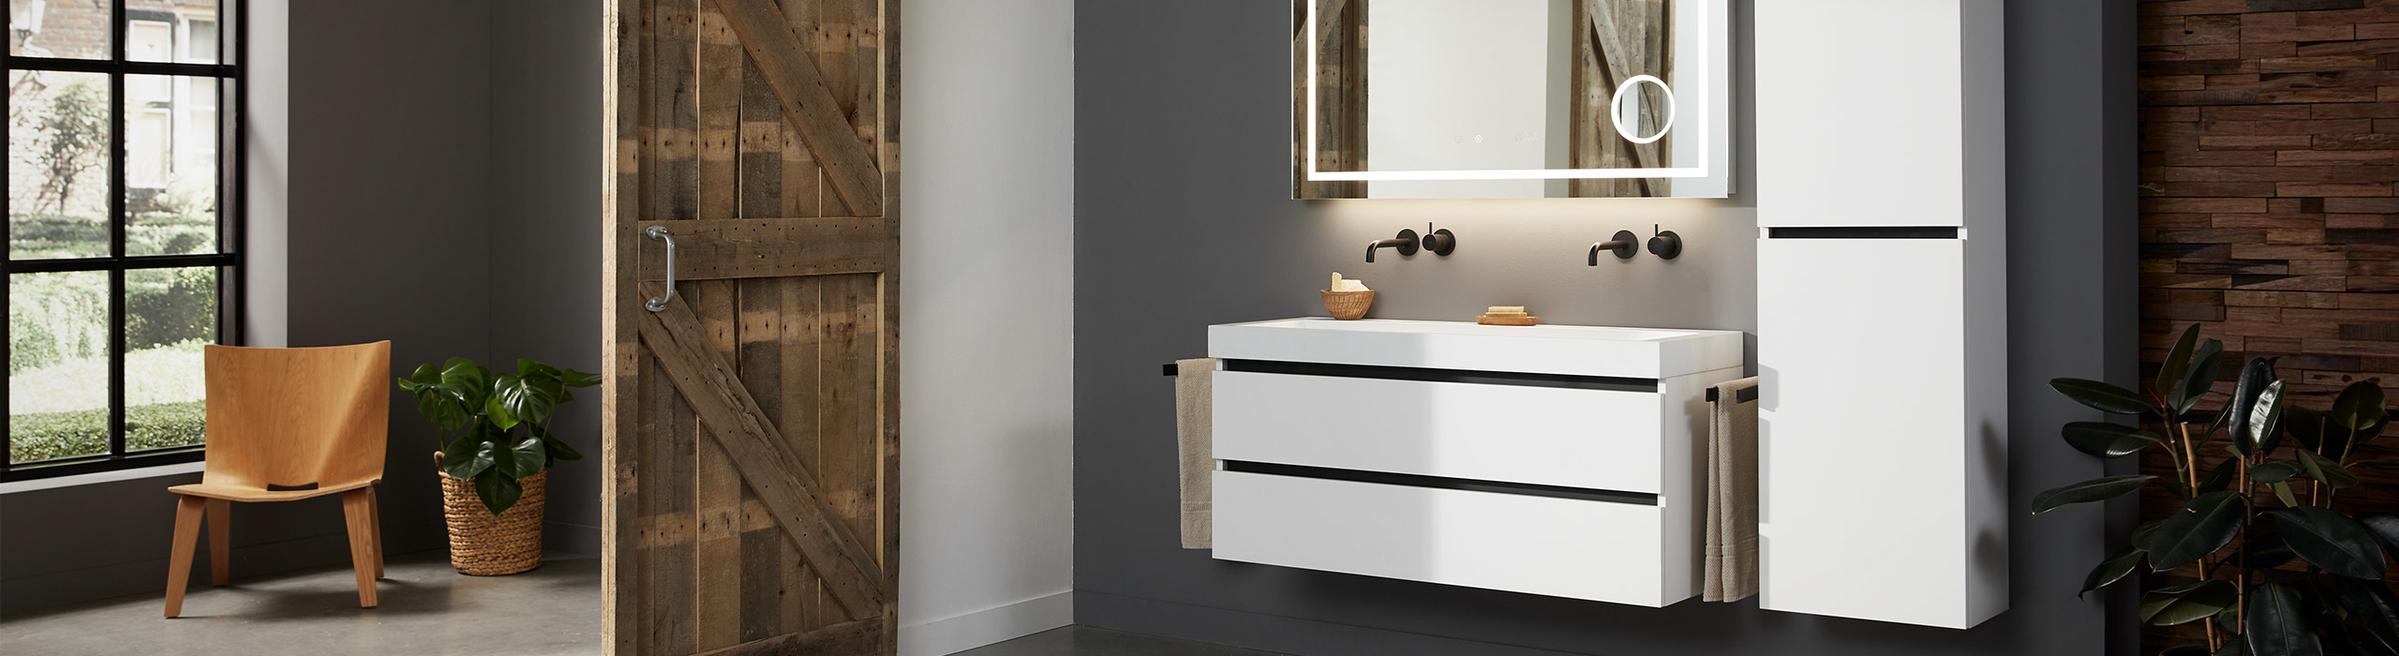 Baden+ huismerk - 2. Baden+ Topkwaliteit sanitair en badkamermeubels tegen een eerlijke prijs